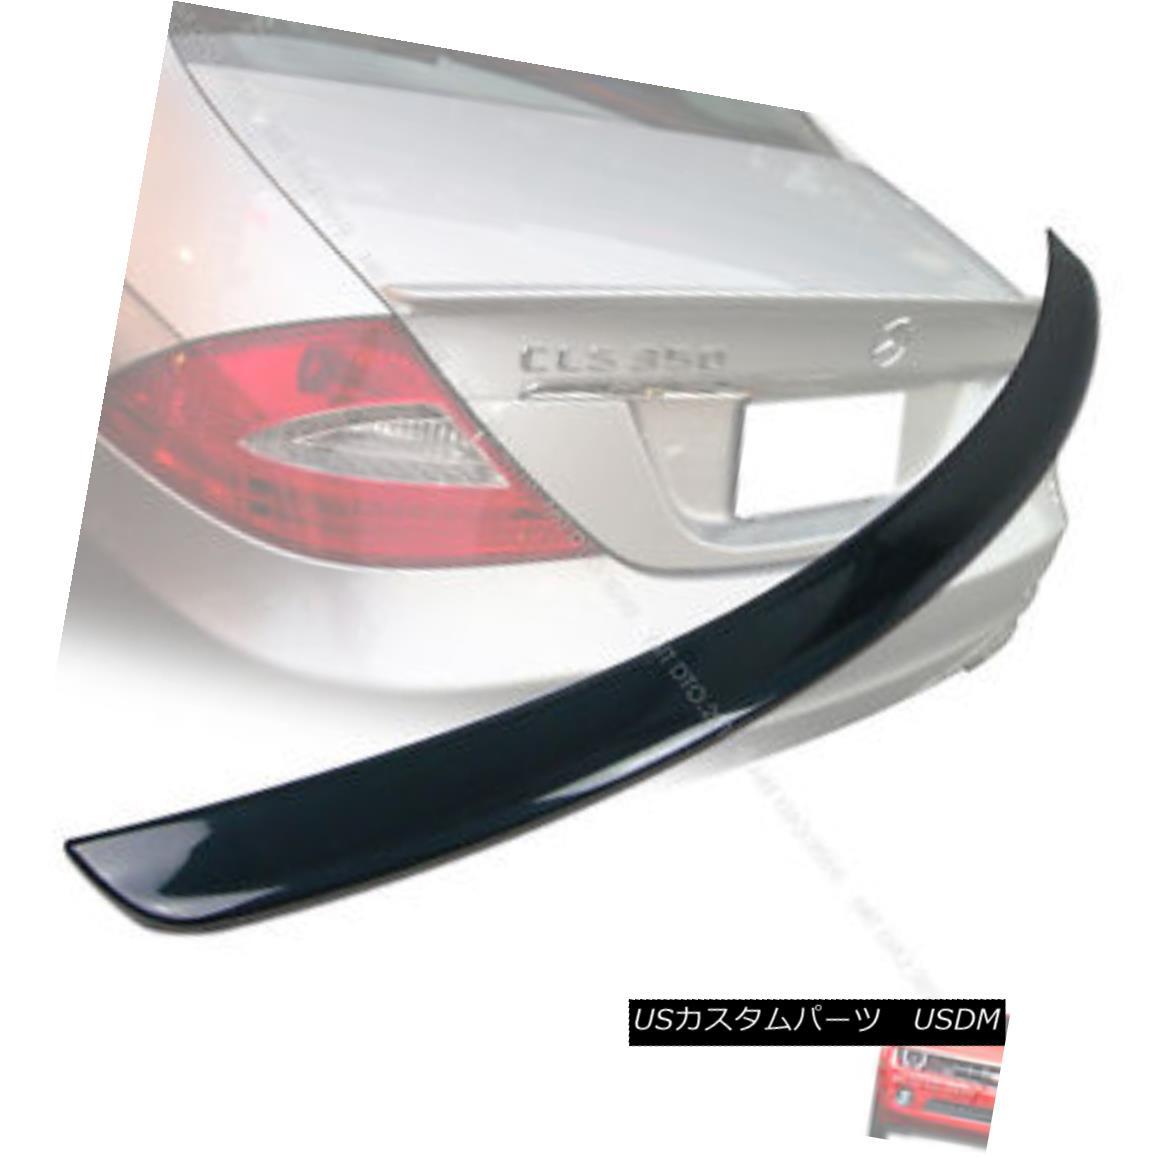 エアロパーツ Painted Mercedes Benz W219 A Type Boot Trunk Spoiler 04-10 ABS #040 塗装されたメルセデスベンツW219 Aタイプのブートトランクスポイラー04-10 ABS#040